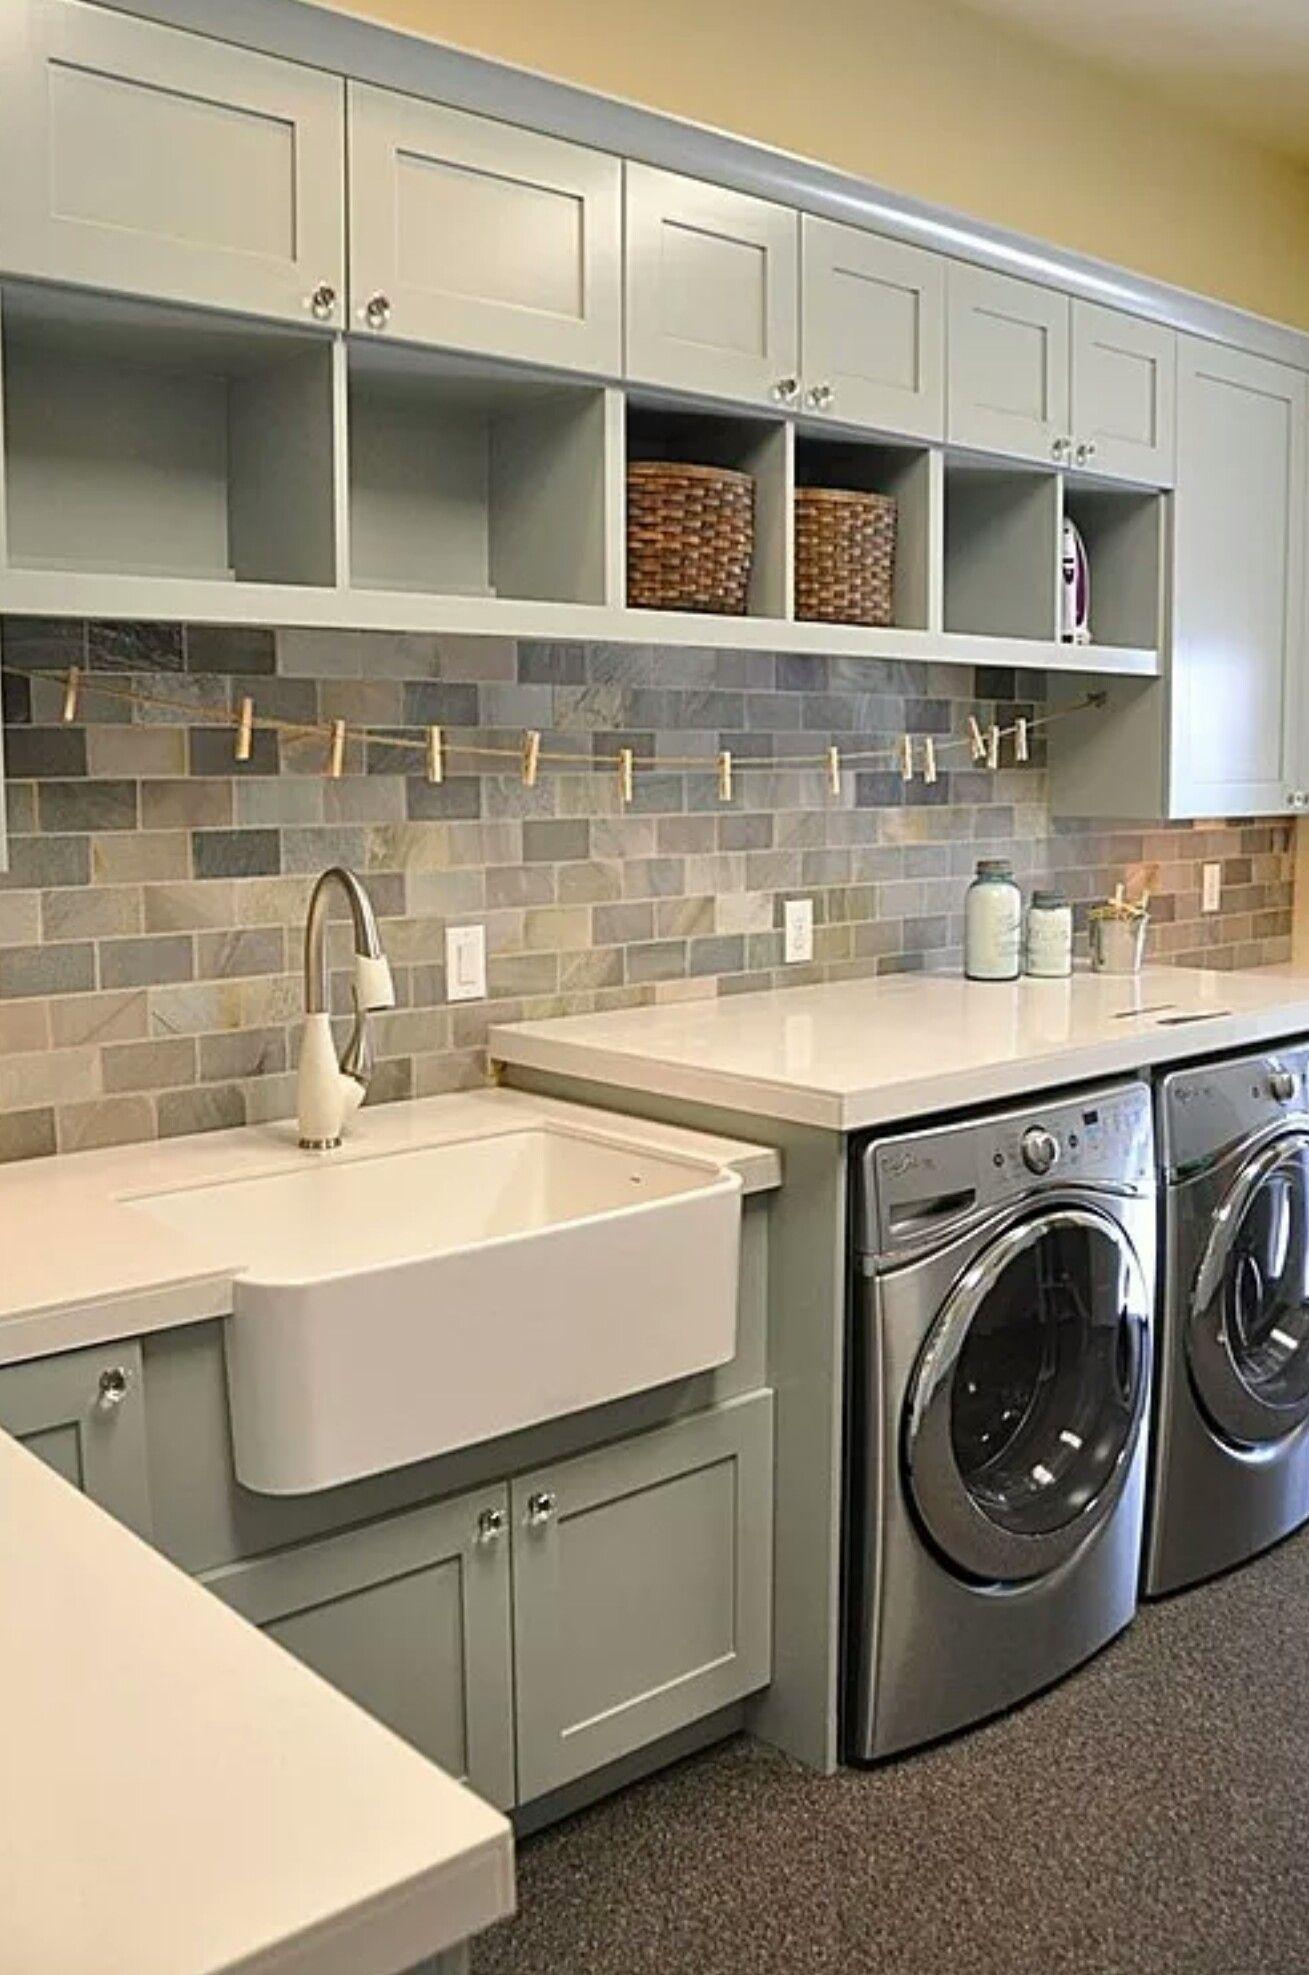 Luxus Waschmaschine Im Bad Verstecken Design